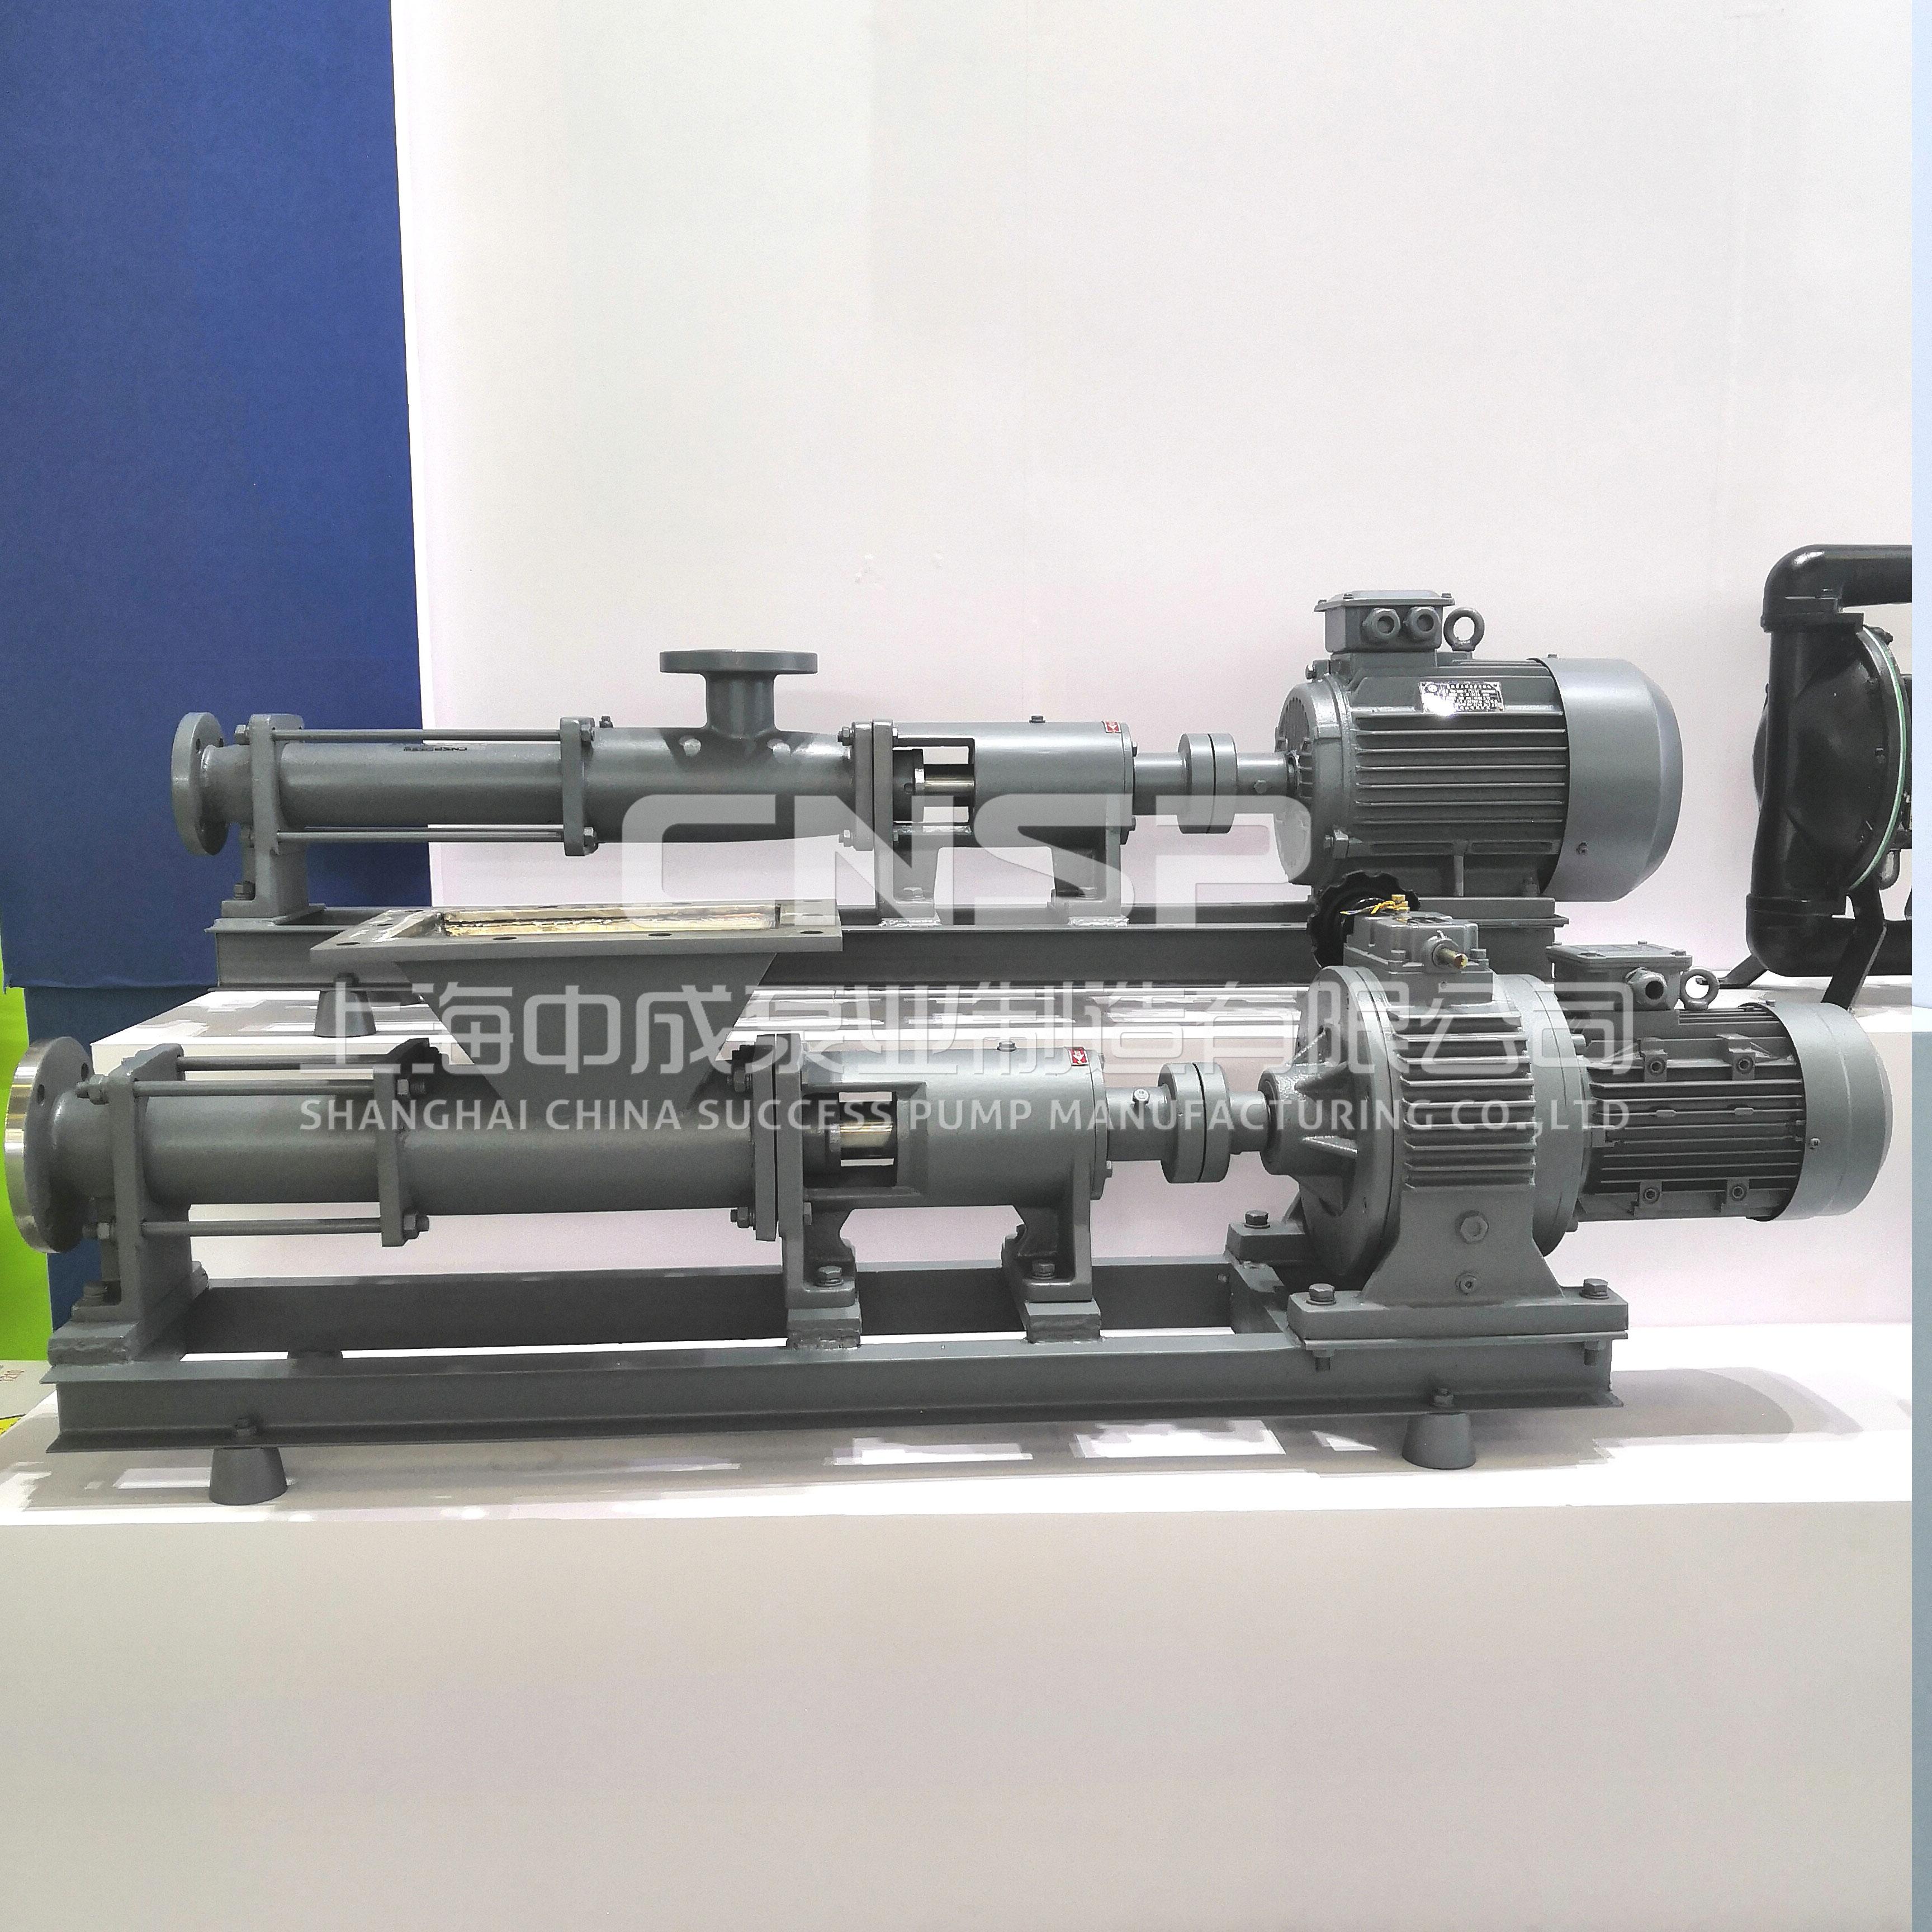 上海中成泵业单螺杆泵 G型污泥螺杆泵 厂家直销 现货直供 型号齐全示例图5